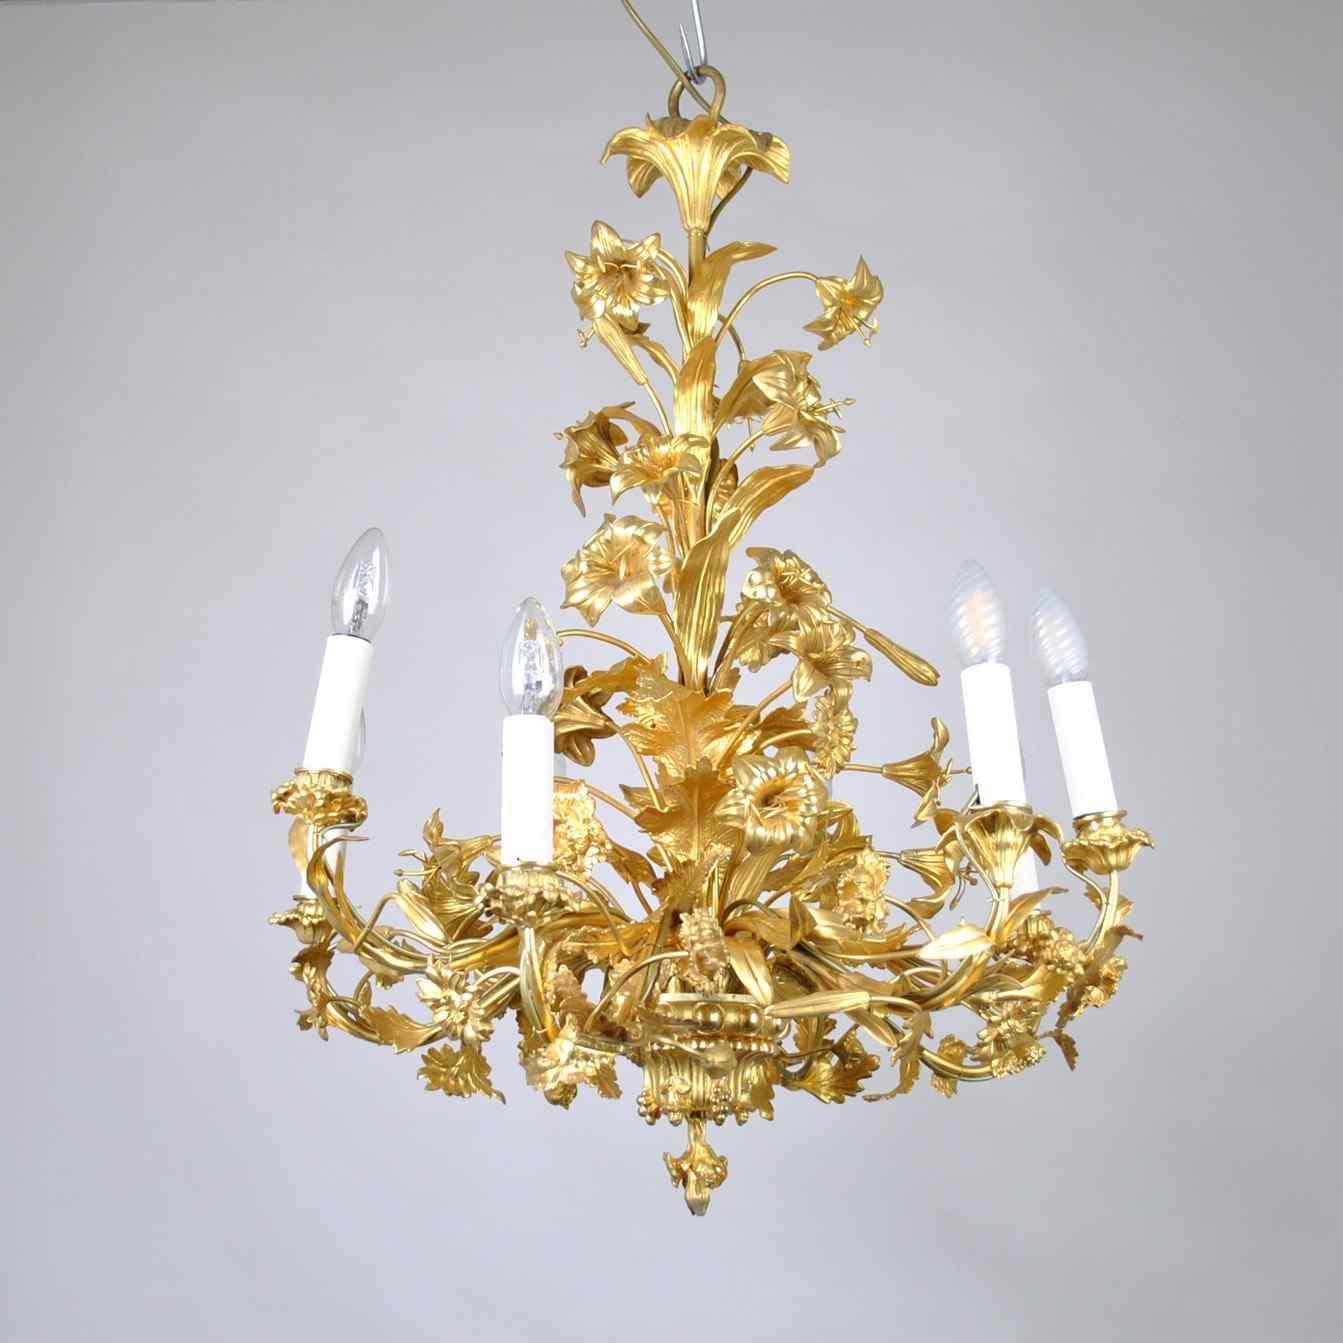 Lustre en bronze doré au décor de fleurs et feuilles, XIXème